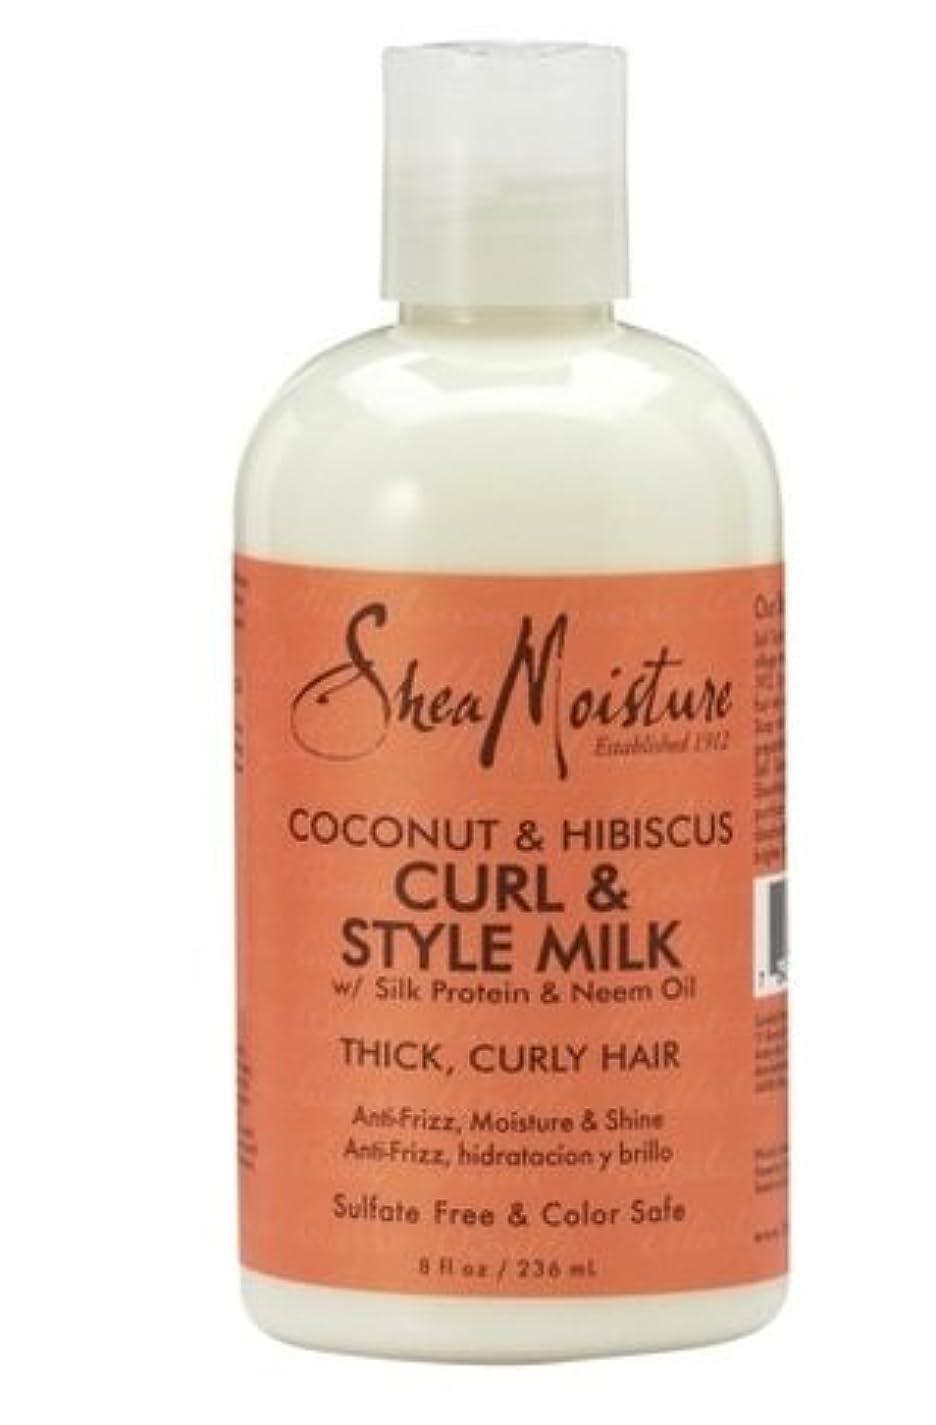 すすり泣きヒロイン内陸SheaMoisture Coconut & Hibiscus Curl & Style Milk 230ml ココナッツ&ハイビスカスカール&スタイルミルク